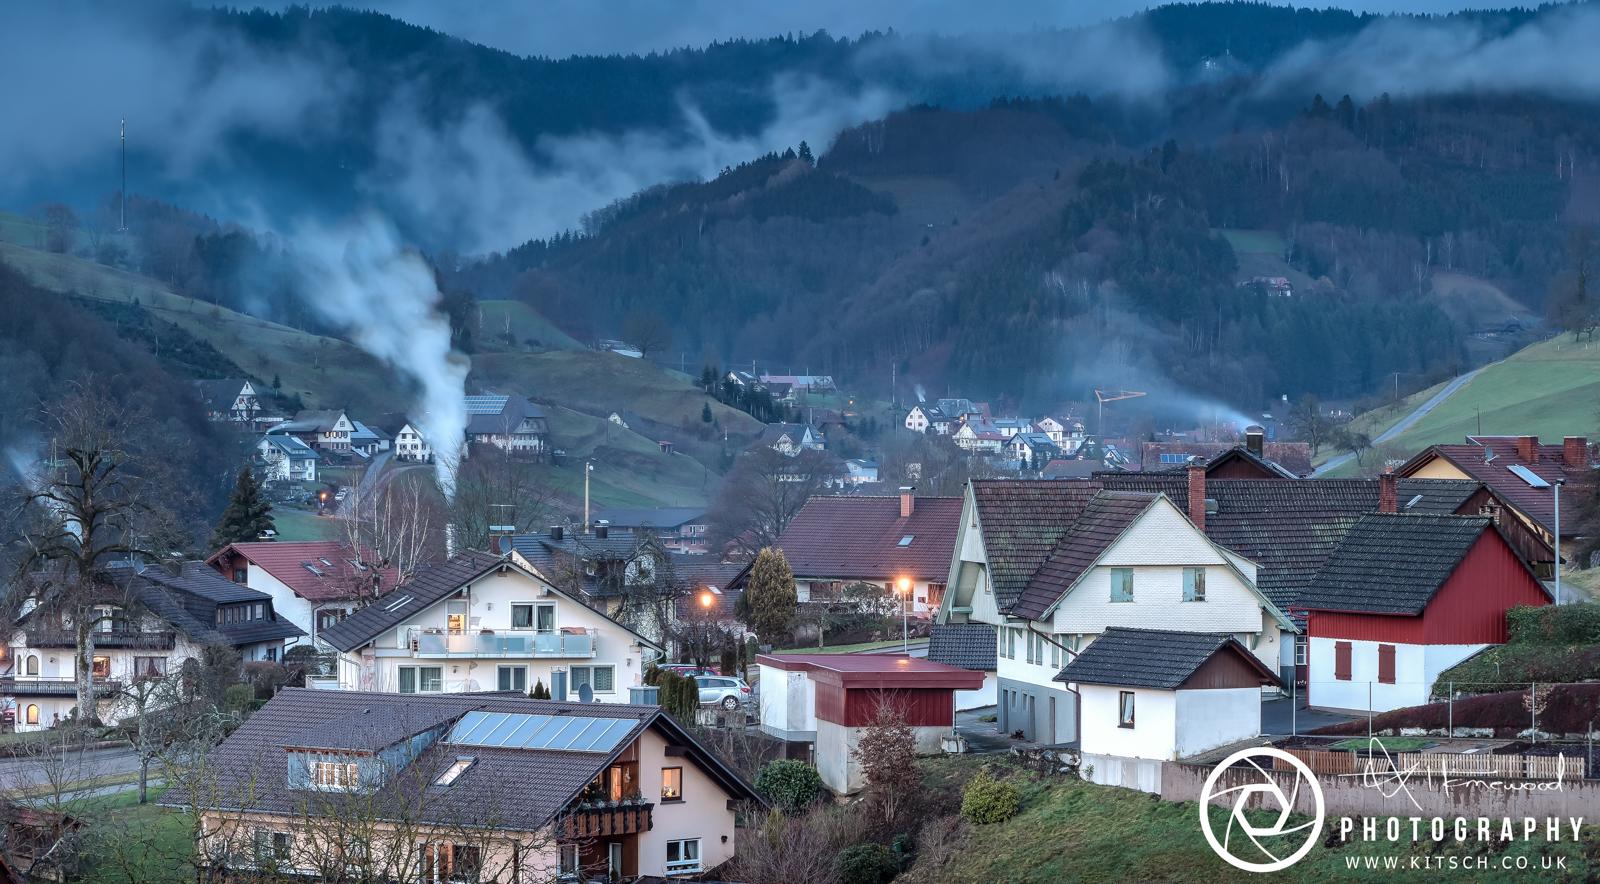 Oberharmersbach Evening Views